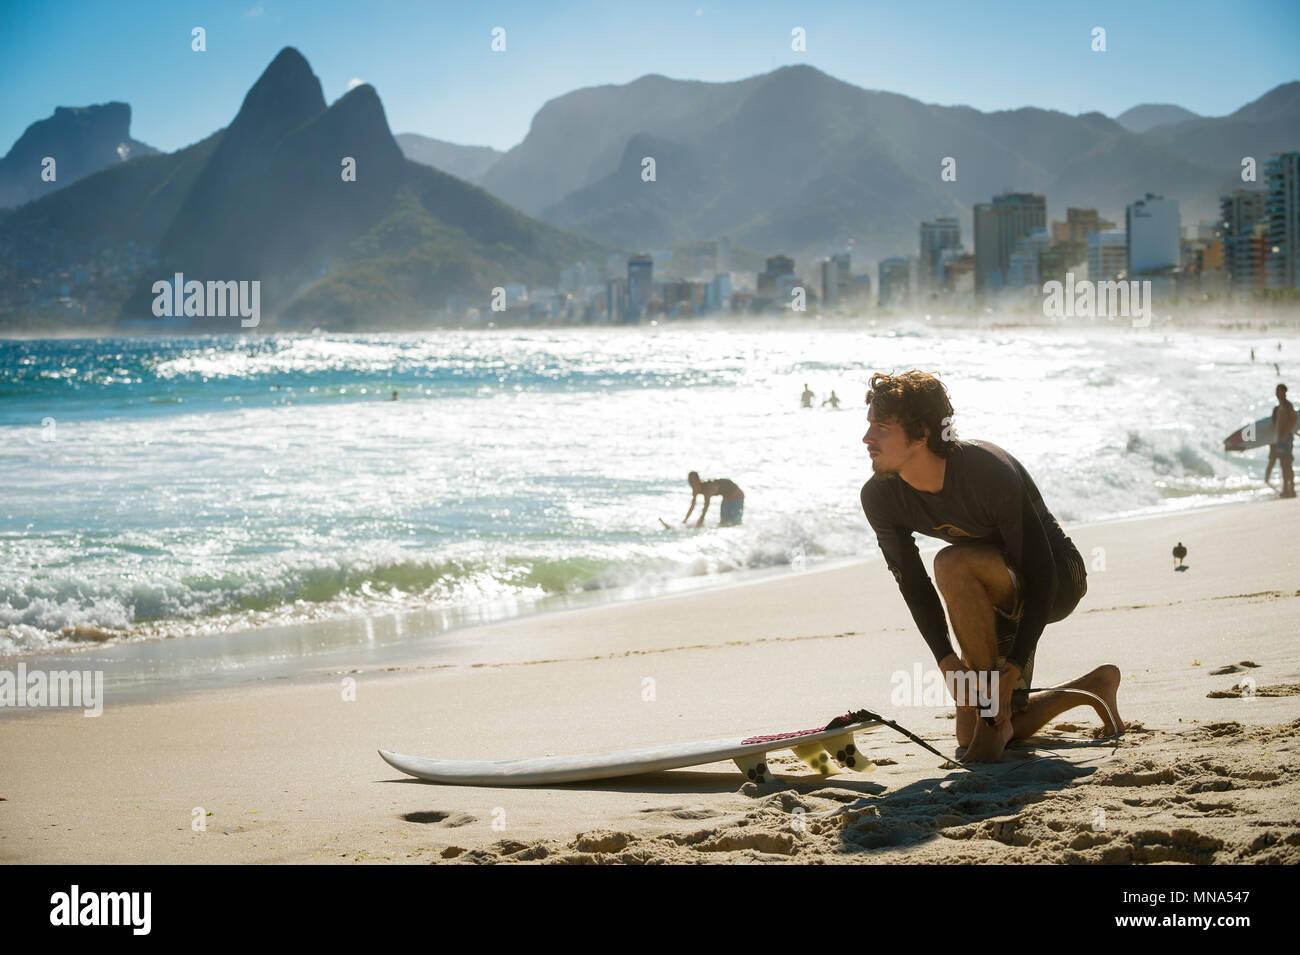 RIO DE JANEIRO - MARZO 20, 2017: surfista sulla spiaggia prima di andare in onda al surf a rompere Arpoador. Immagini Stock